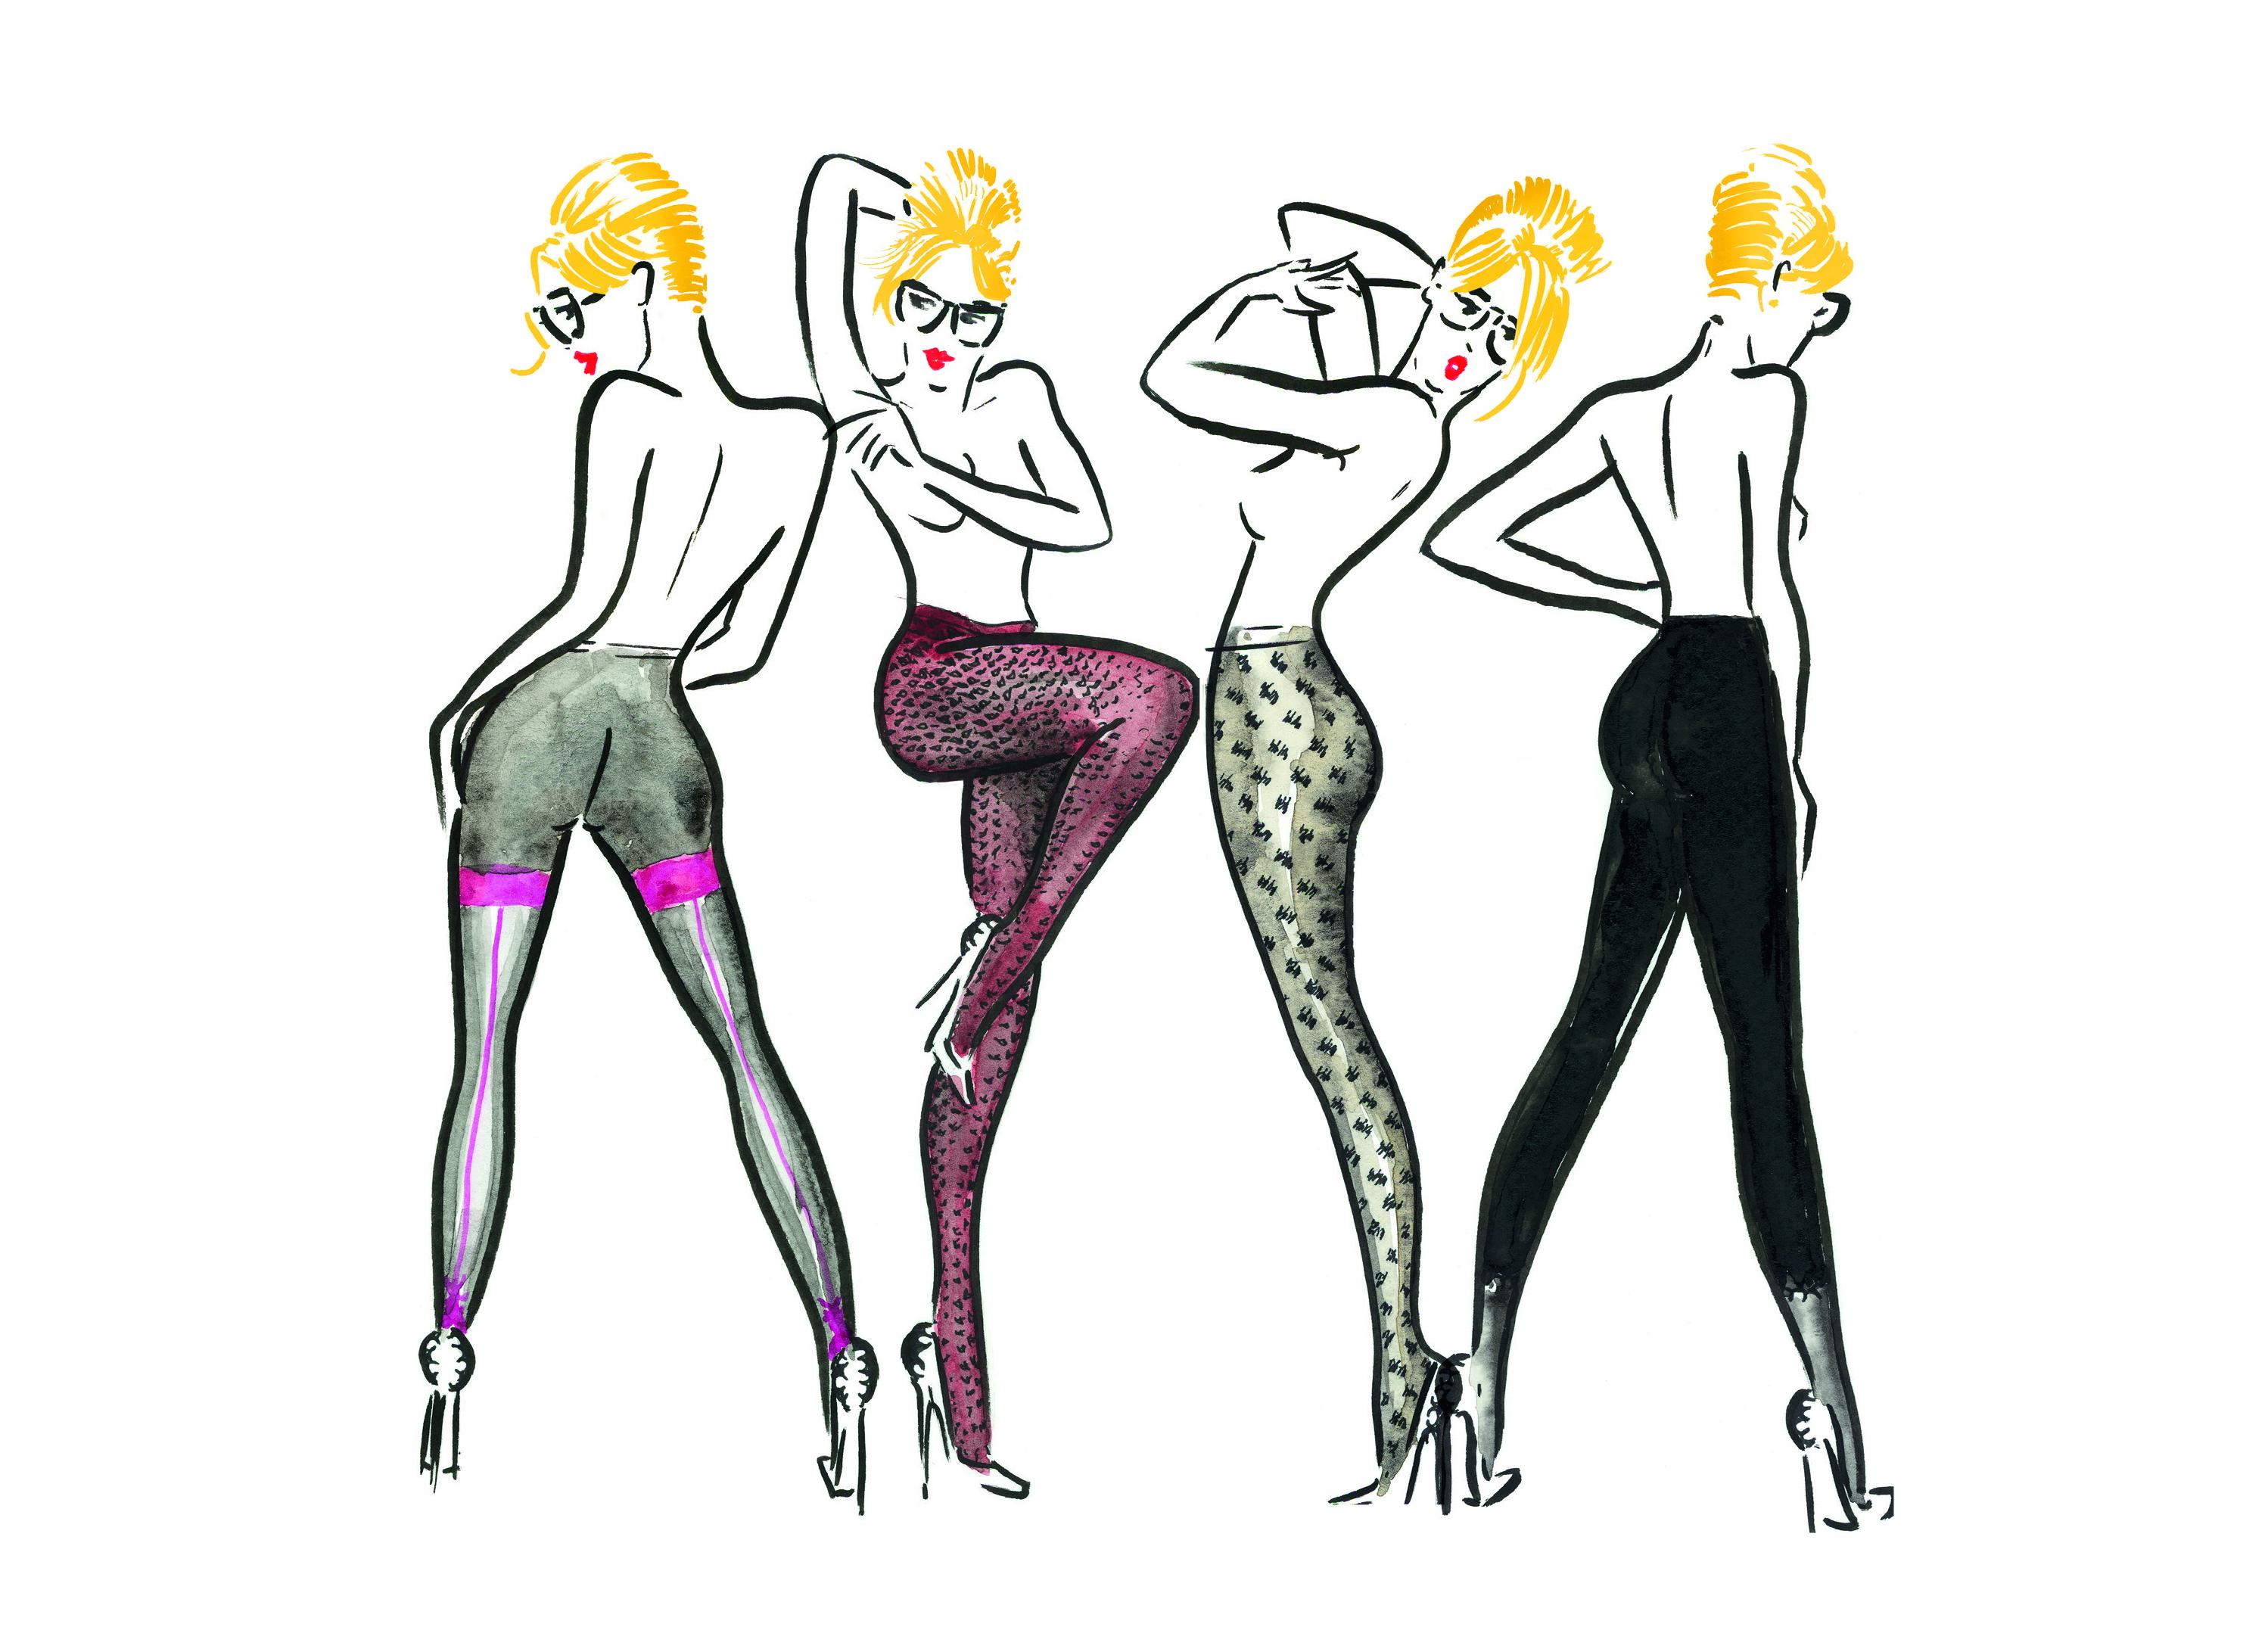 Naf Naf, CJ Jourdan, La halle, Galeries Lafayette, Champs elysées, Sinfull colors, Monoprix, Le bourget, Atelier Mercadal, actus mode, bon plans mode